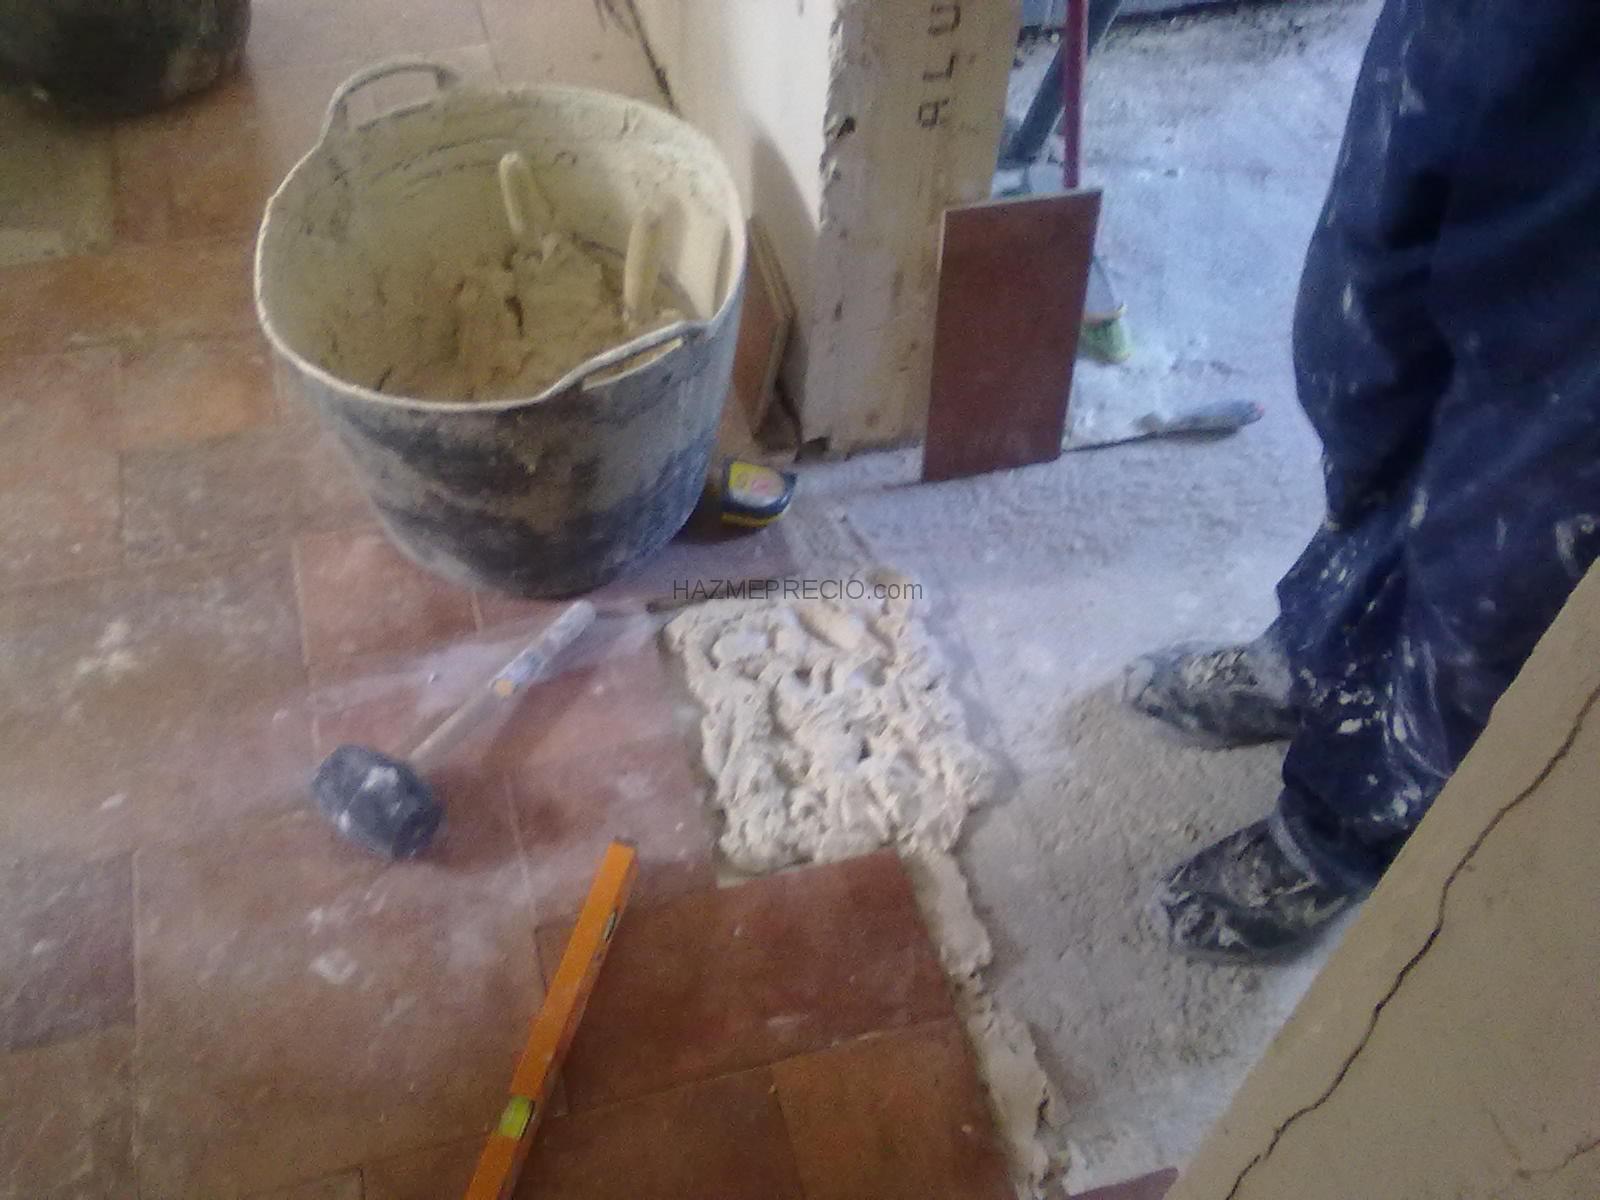 Presupuesto para colocar suelo porcelanico arroyomolinos - Colocar suelo porcelanico ...